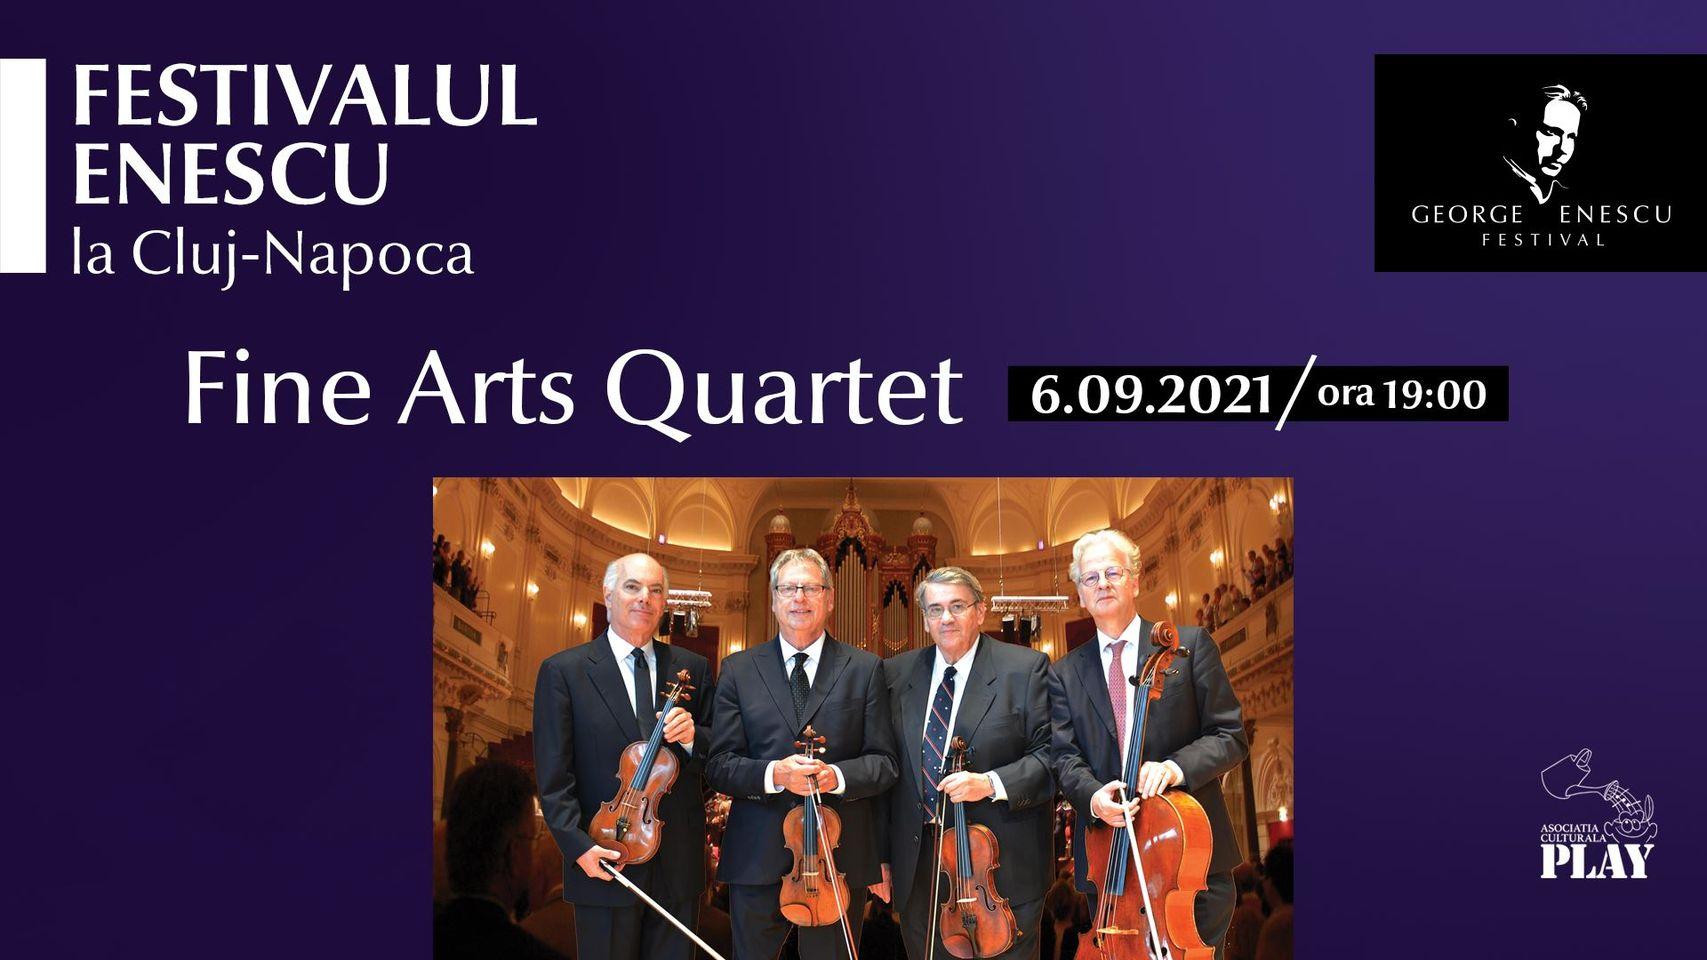 Concert Fine Arts Quartet ✦ Festivalul Enescu la Cluj-Napoca